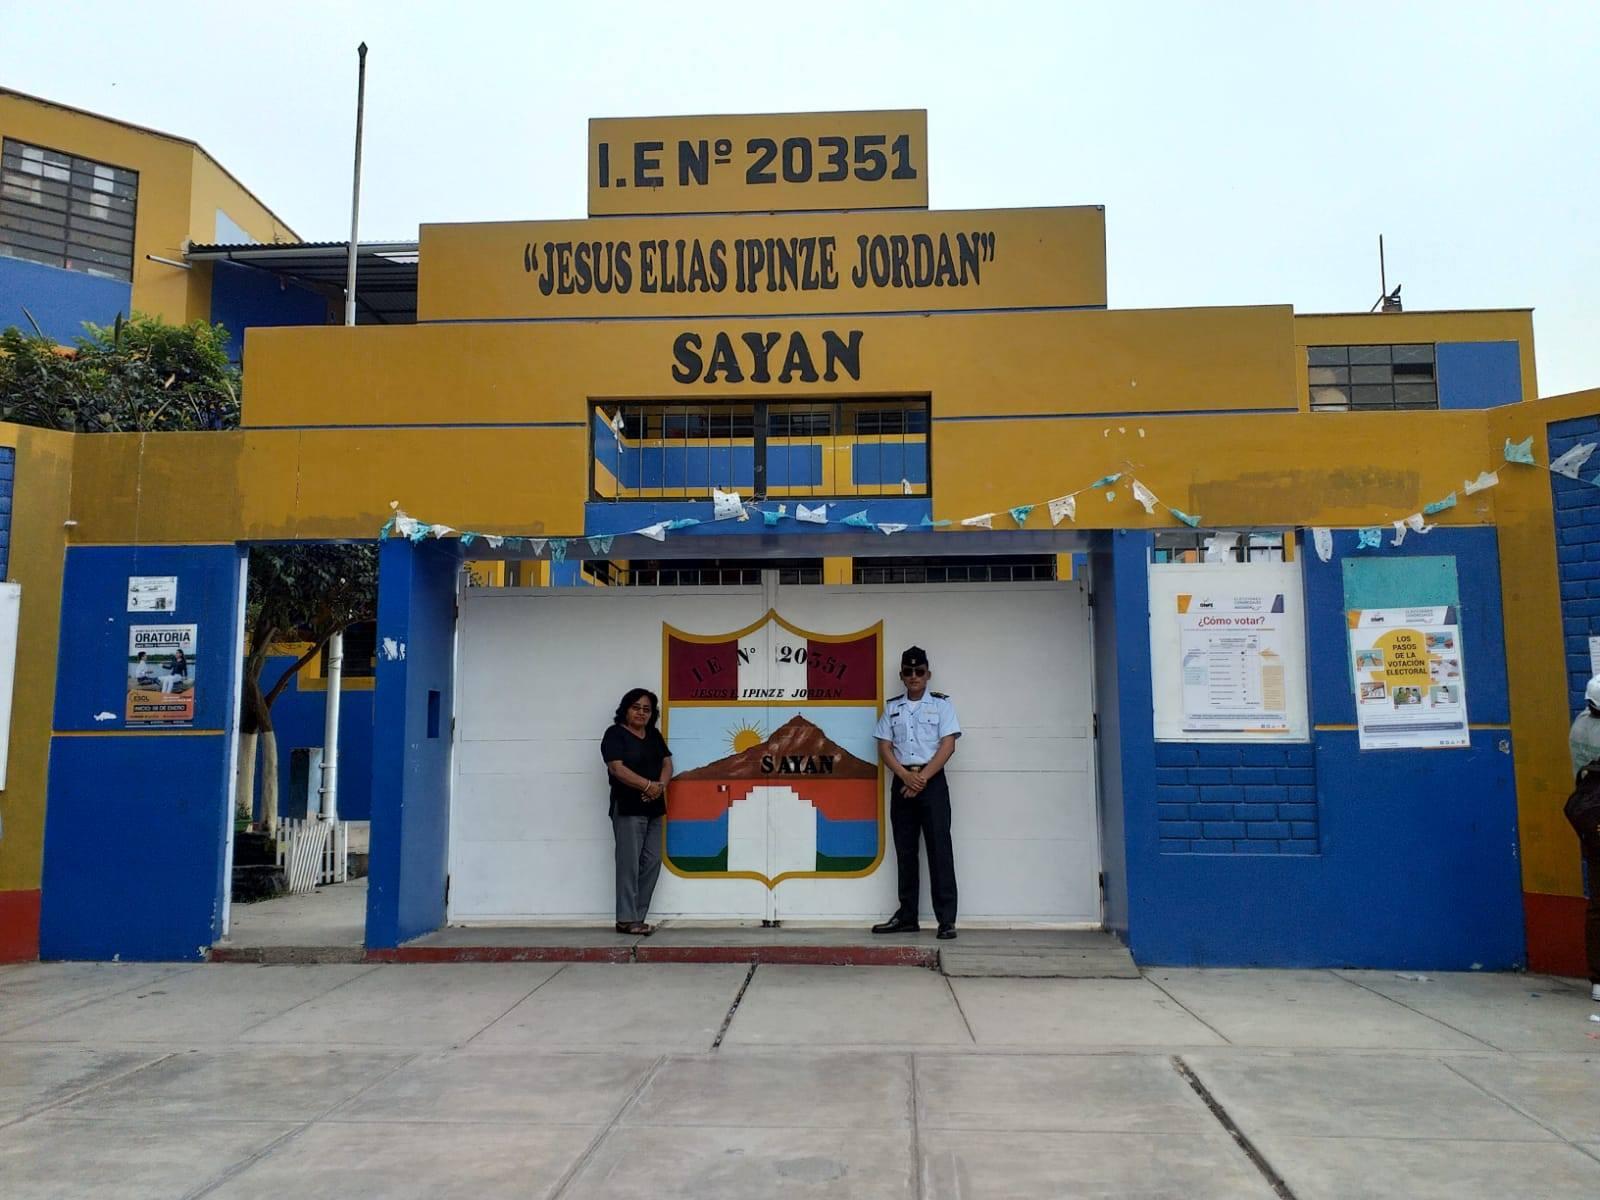 Escuela 20351 JESÚS ELÍAS IPINZE JORDAN - Sayán